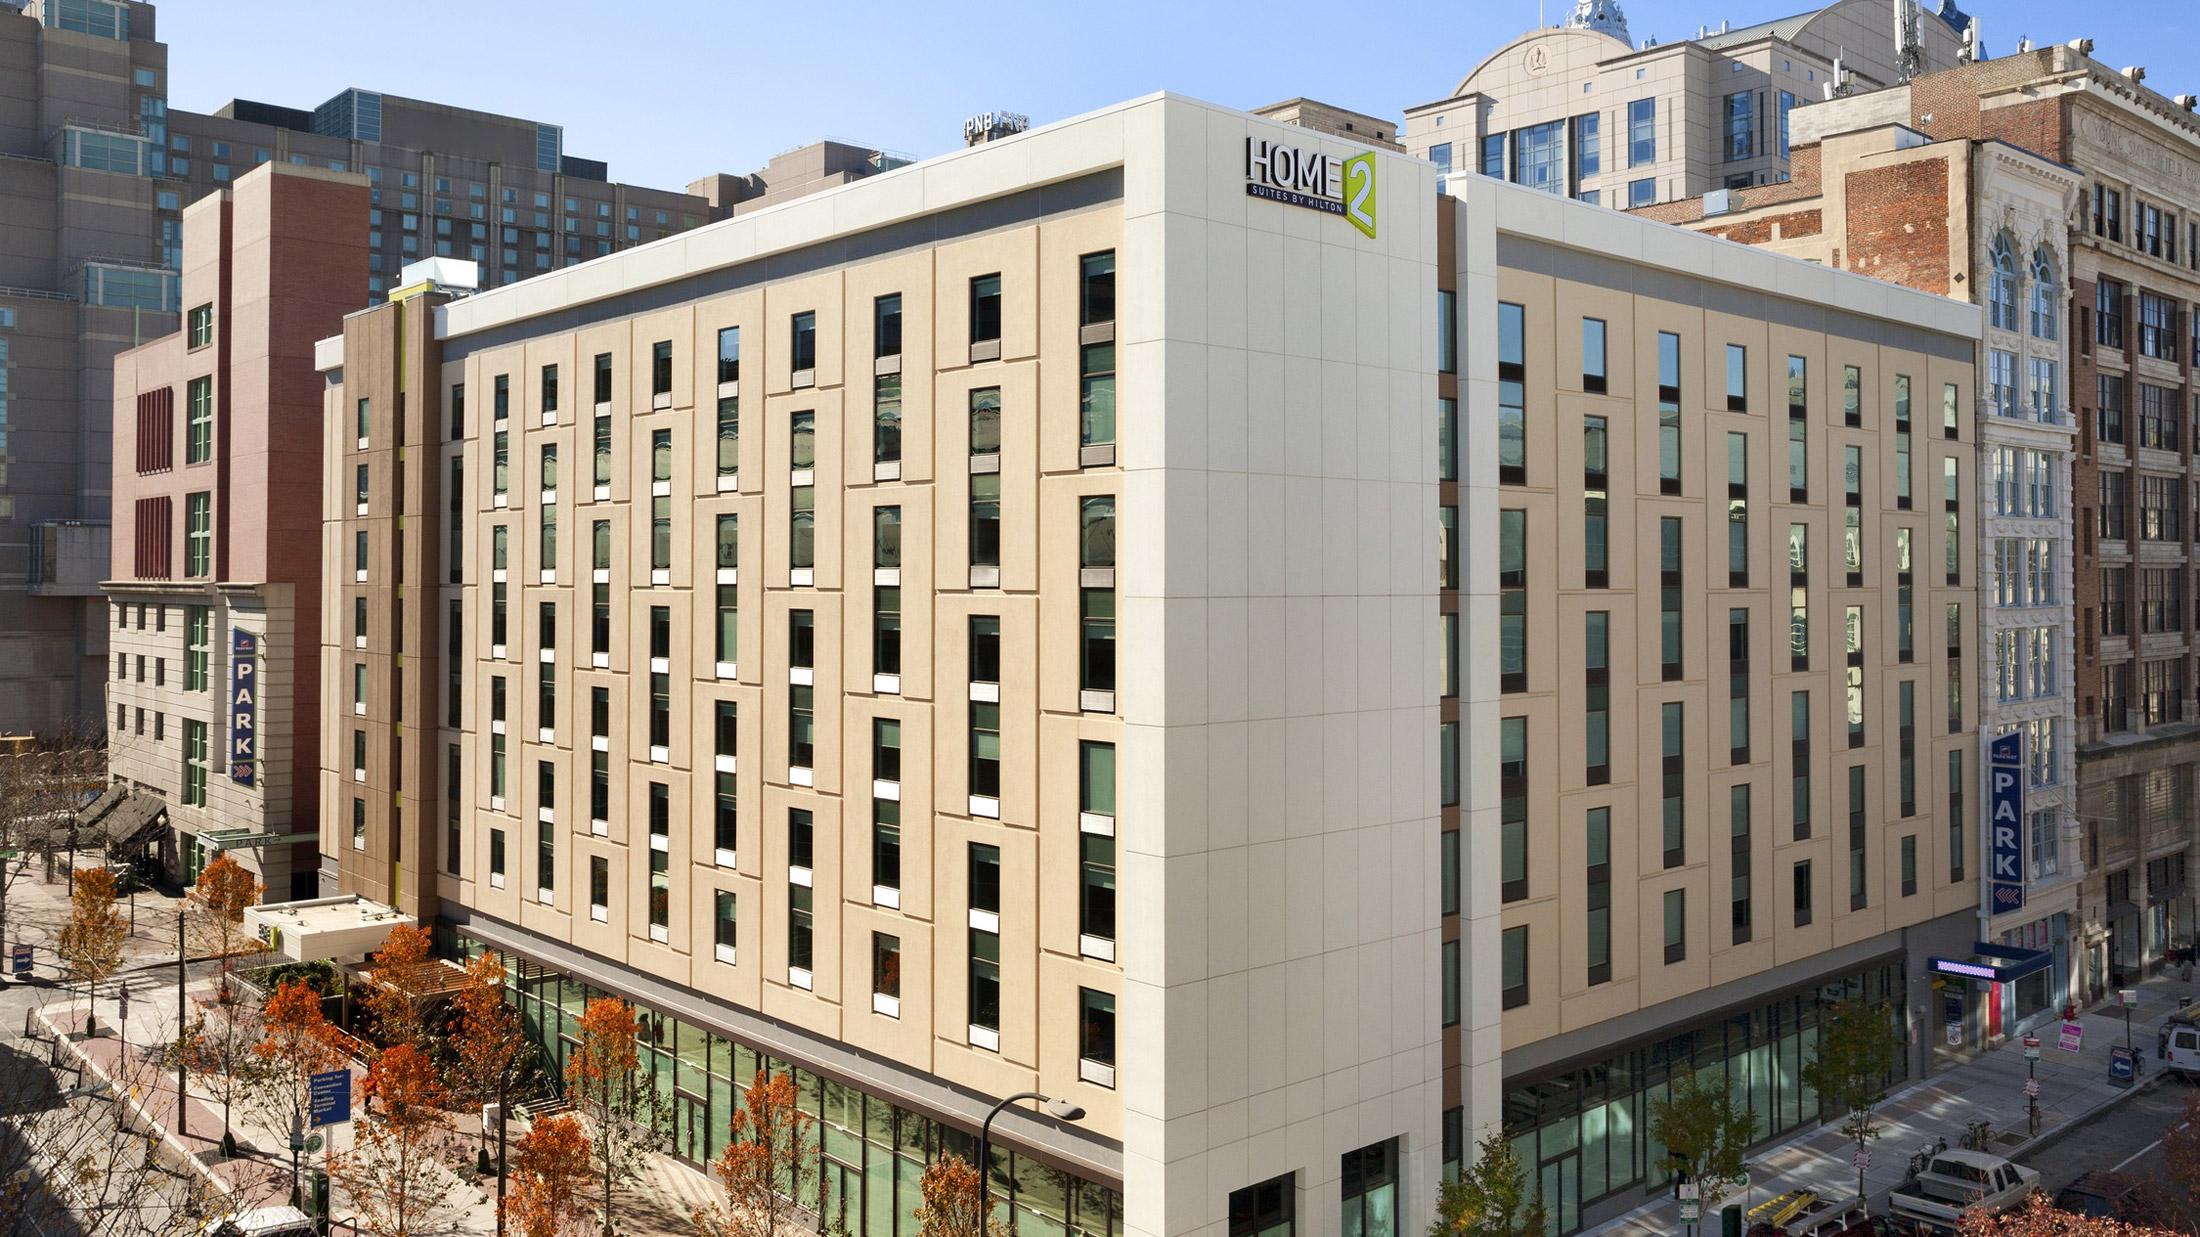 Fullsize Of Home2 Suites Philadelphia